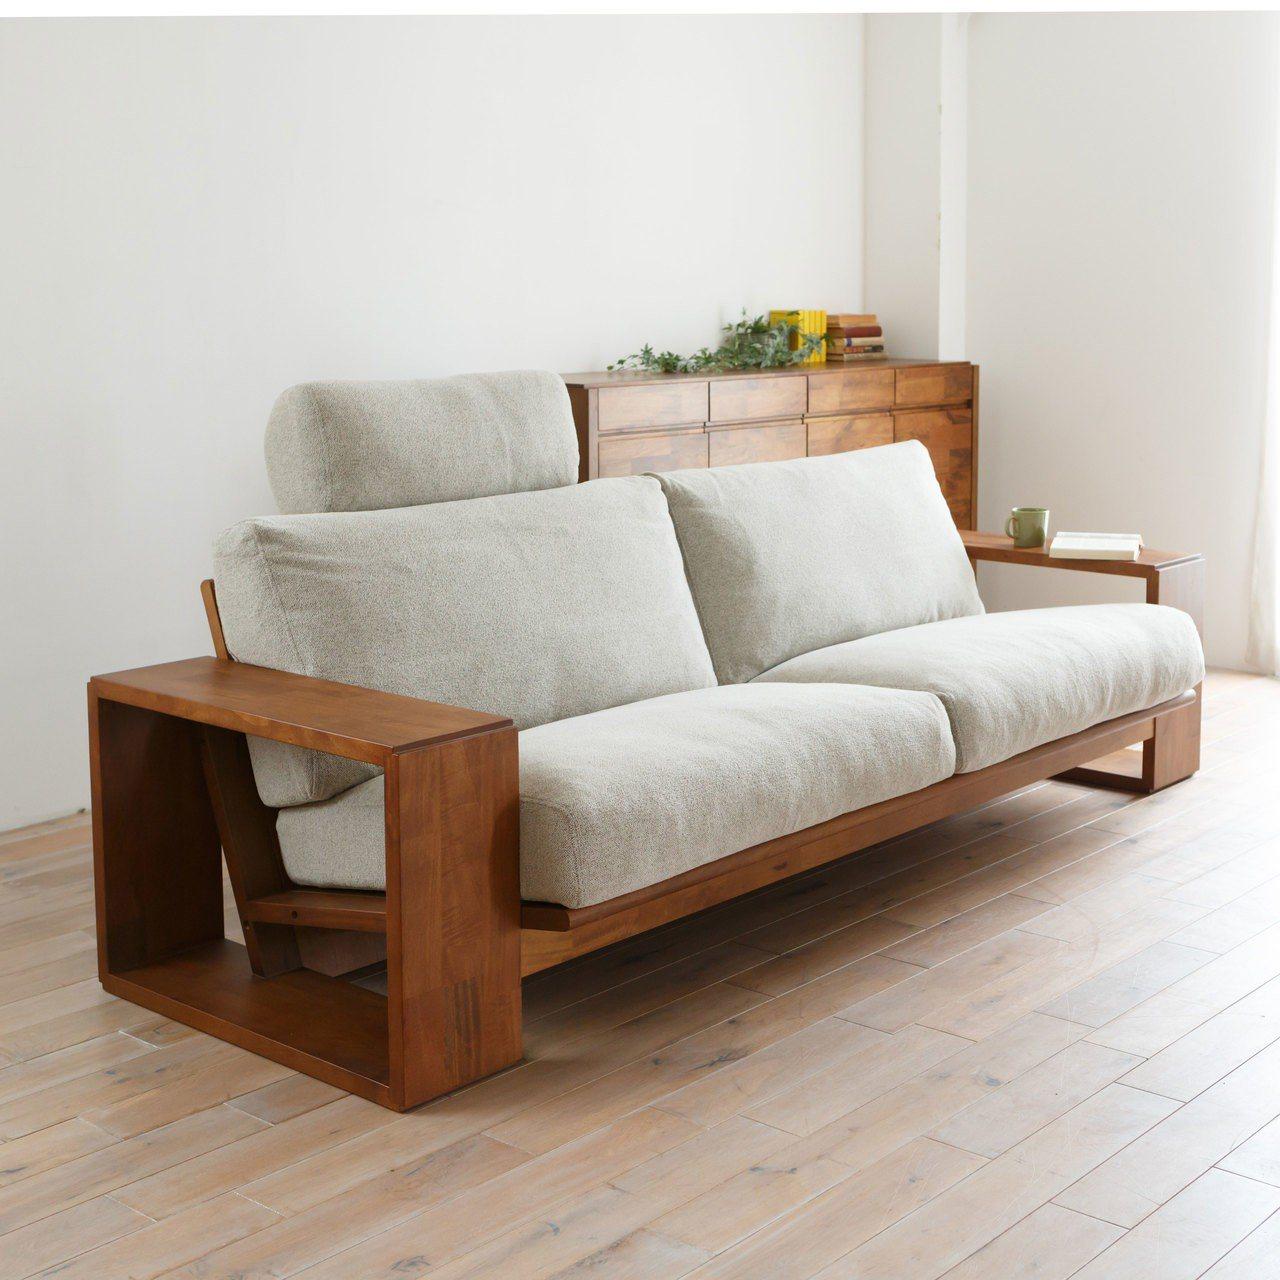 PURO系列以沙發最經典,在設計上以四方形框架做支撐,框架上方扶手可作茶几使用,...